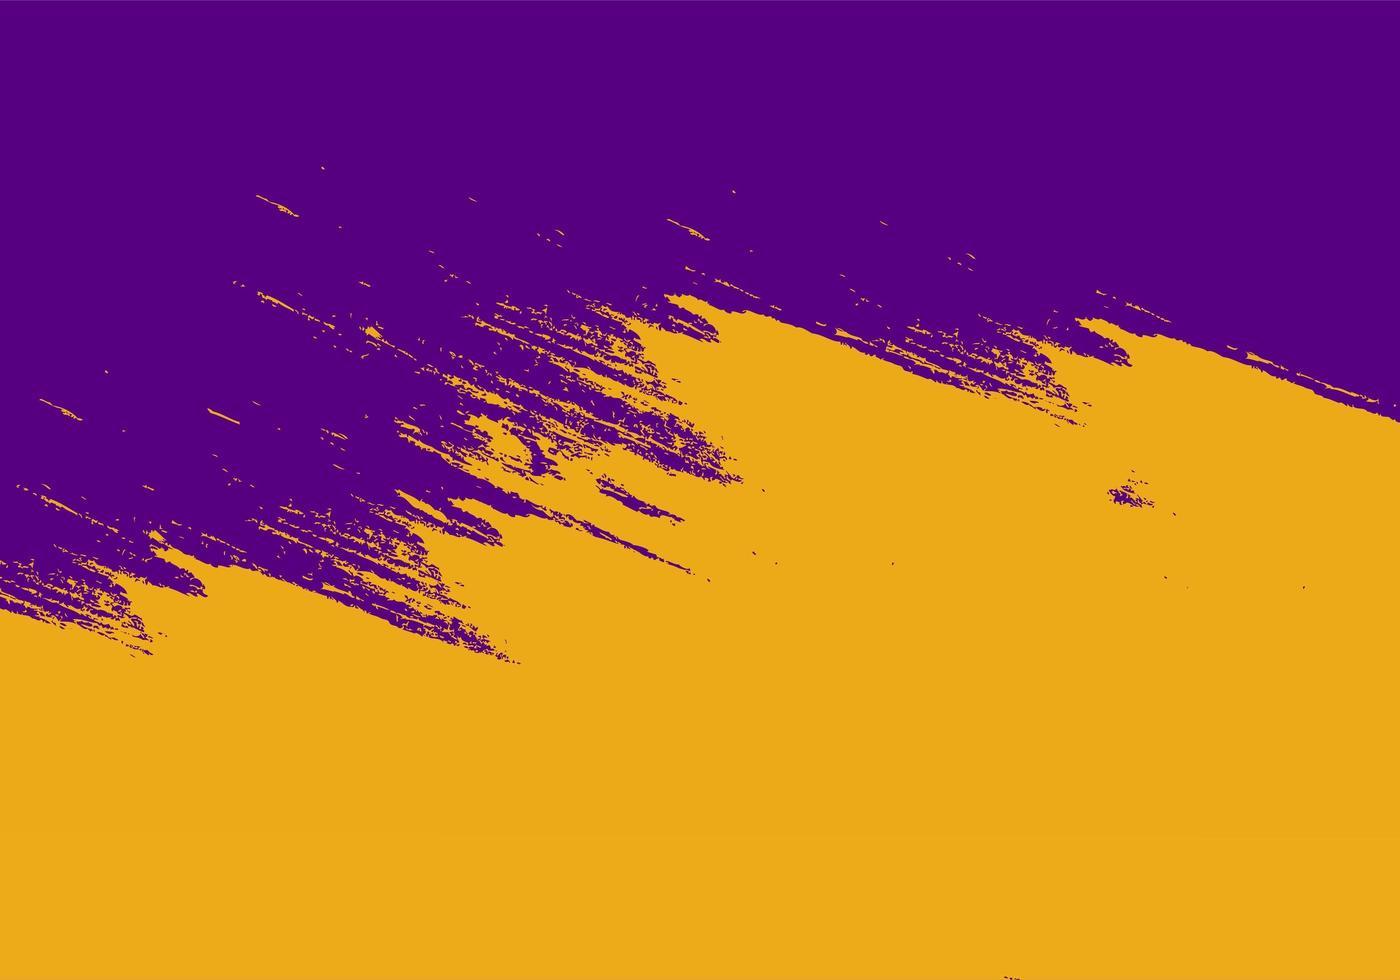 texture de trait grunge abstrait violet et orange vecteur